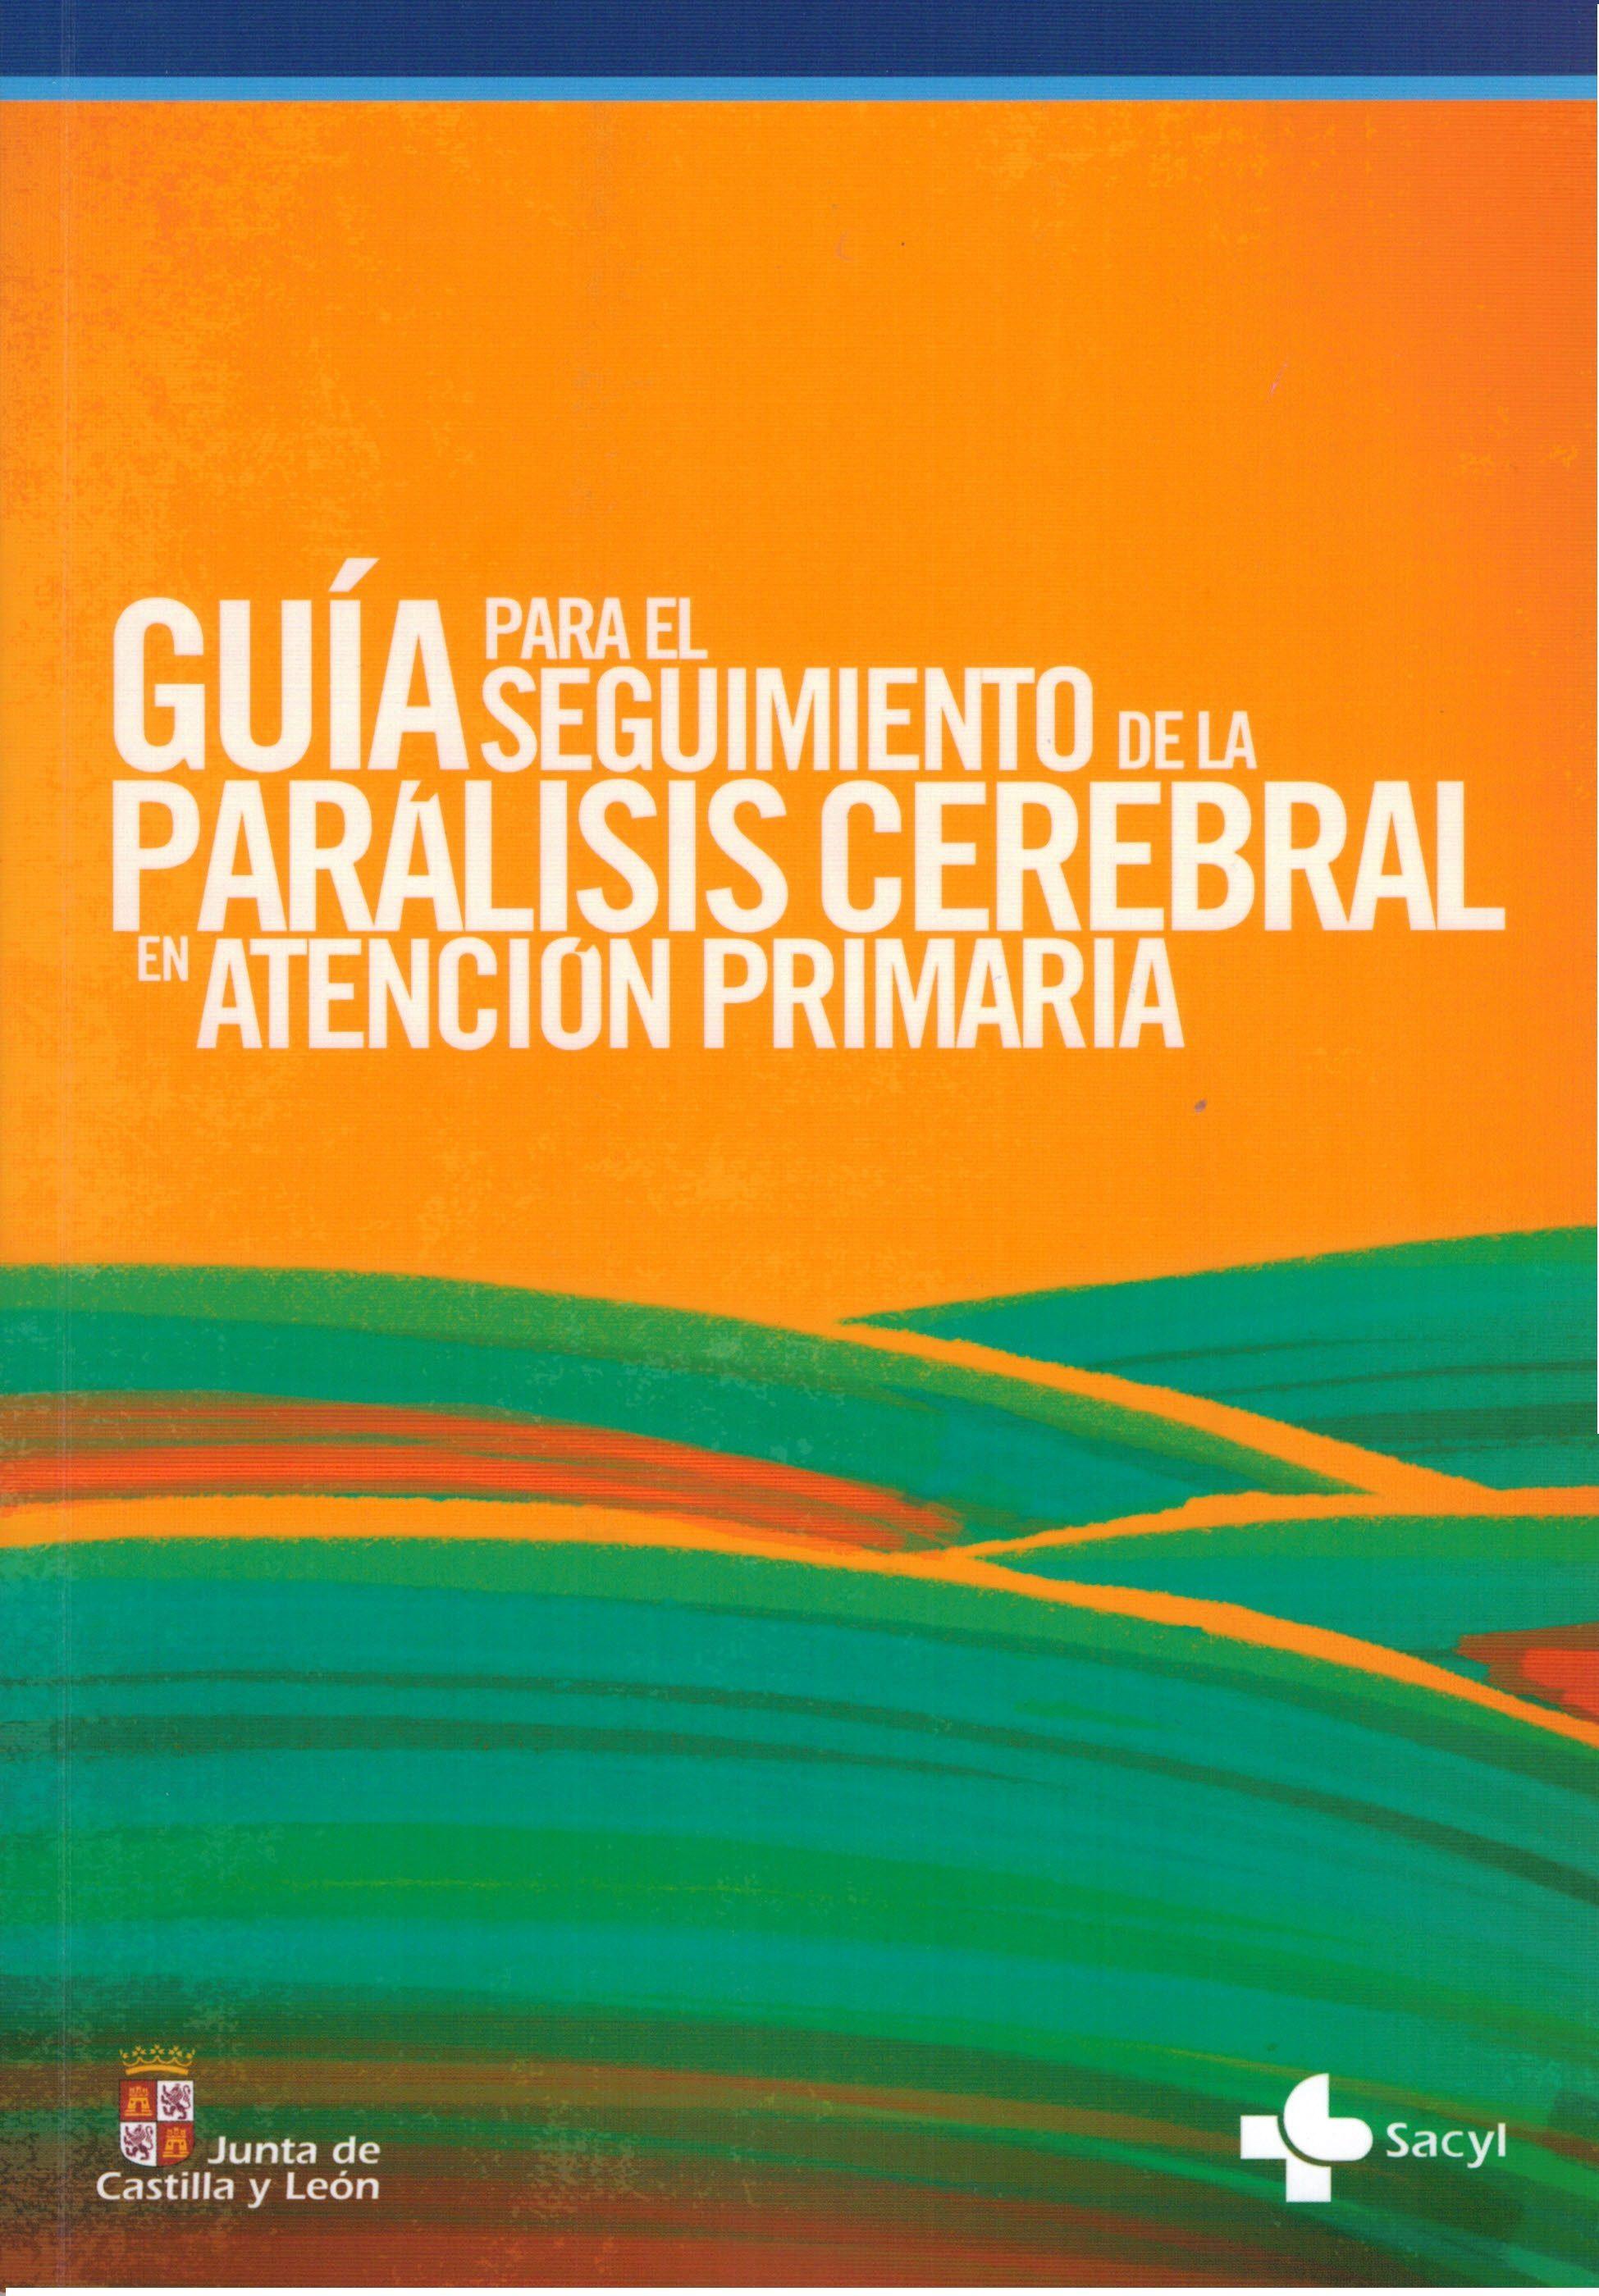 La Guía para el Seguimimiento de Parálisis Cerebral en el Congreso de Pacientes Crónicos